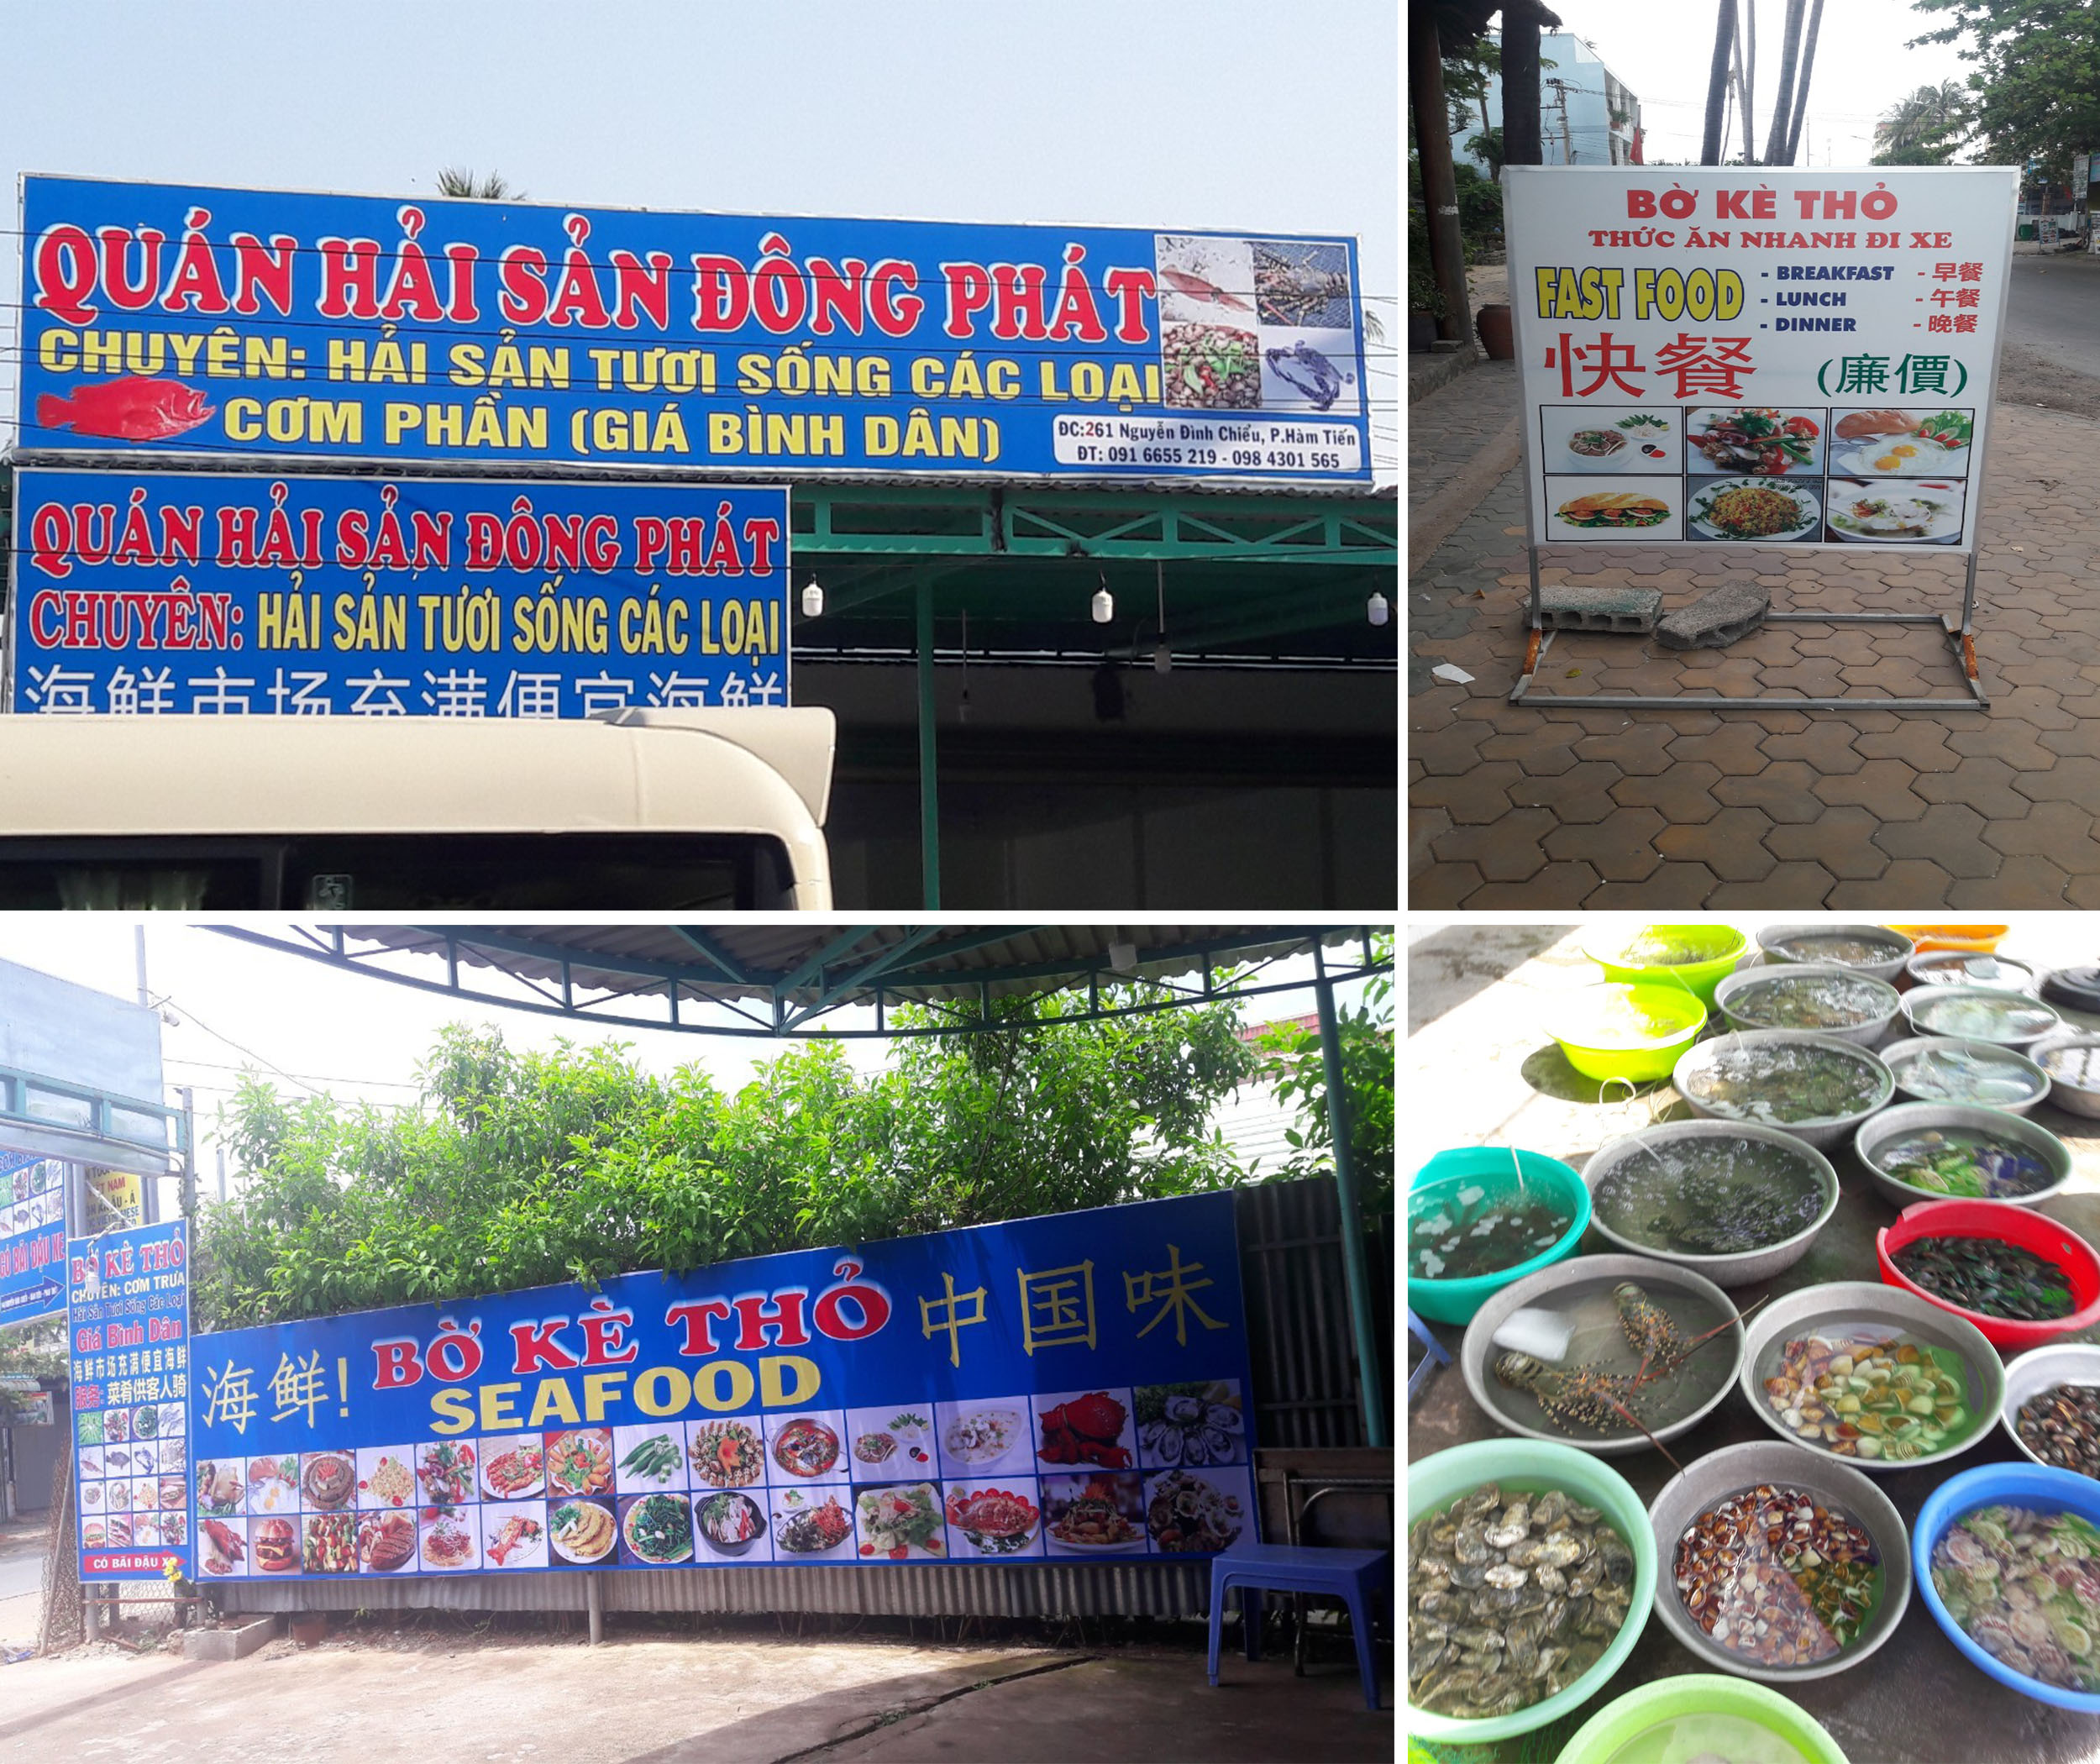 Quán Hải sản Đông Phát Mũi Né Bờ Kè Thỏ